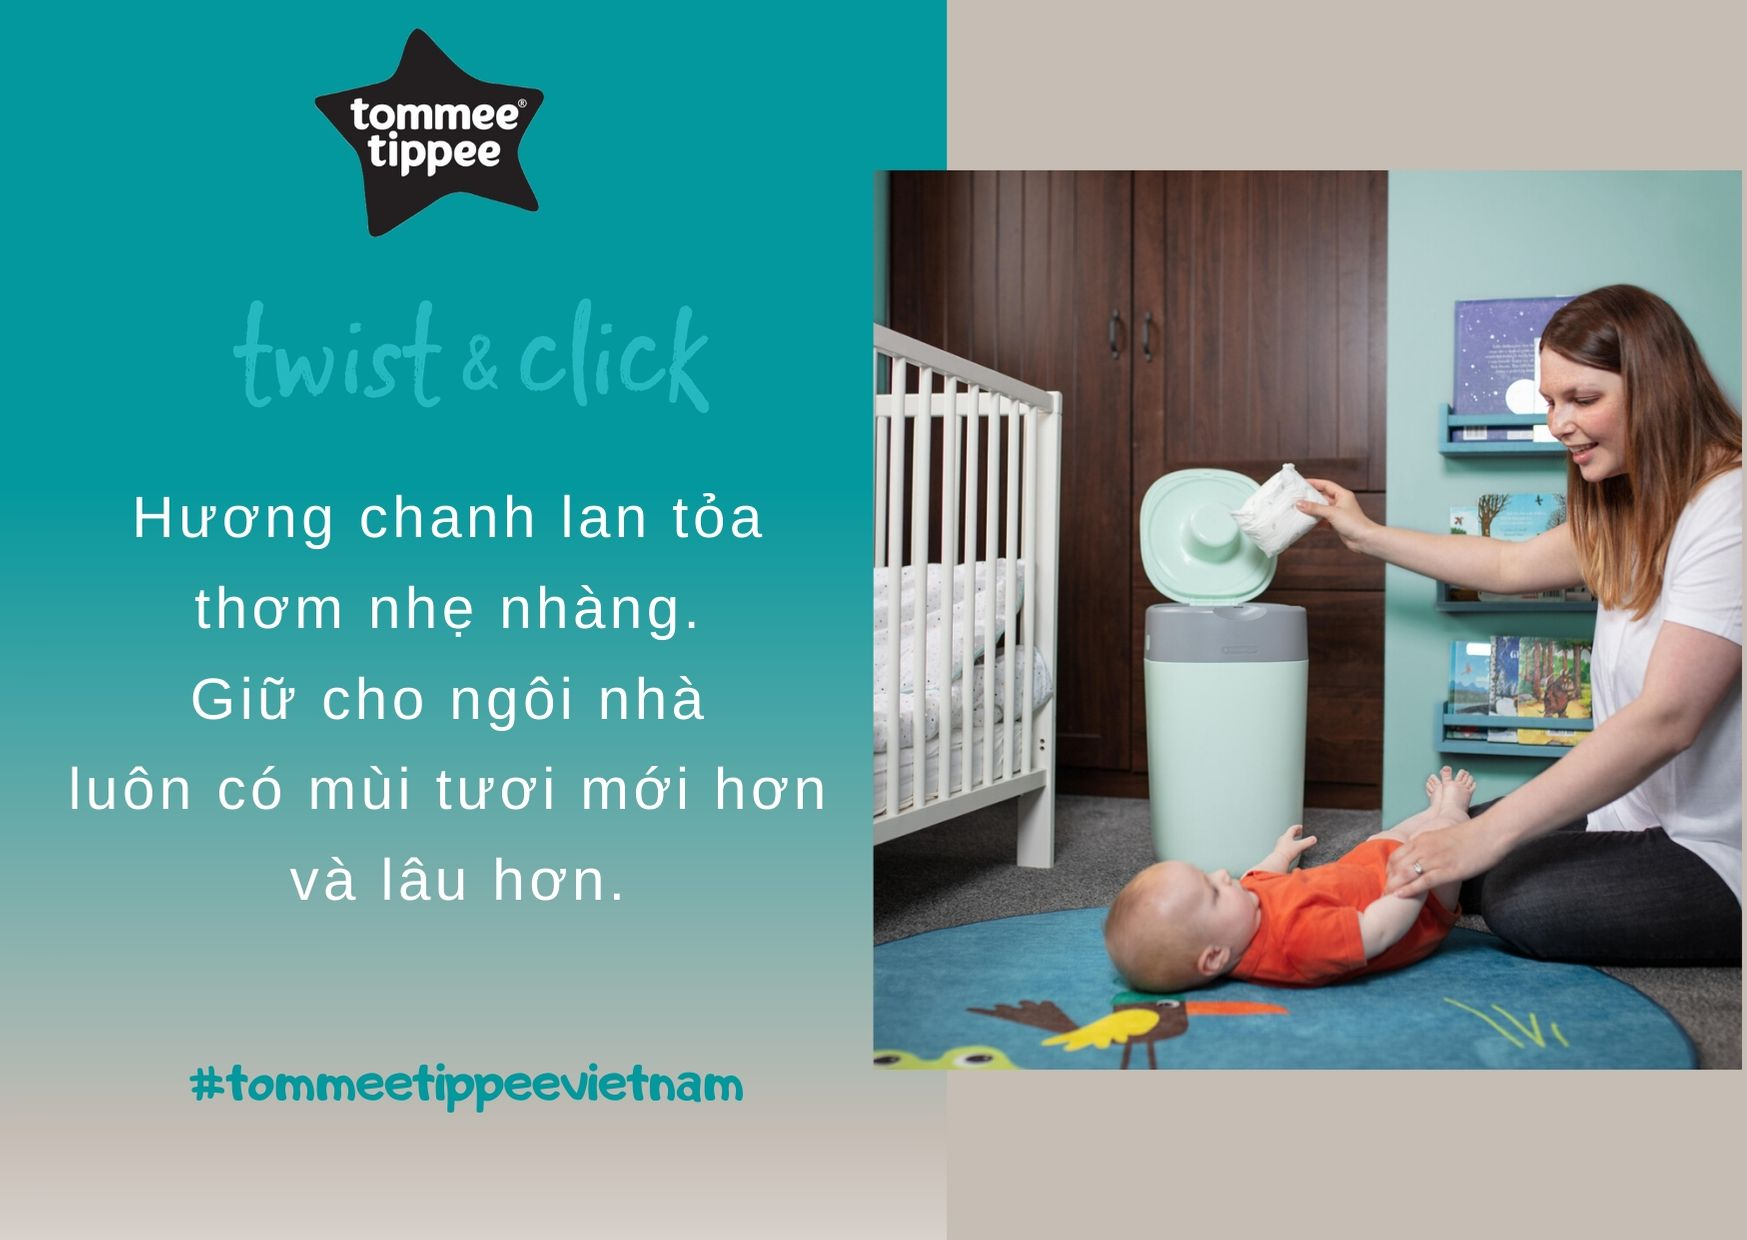 Đặc điểm Túi xử lý tã cho bé Tommee Tippee (3 hộp)